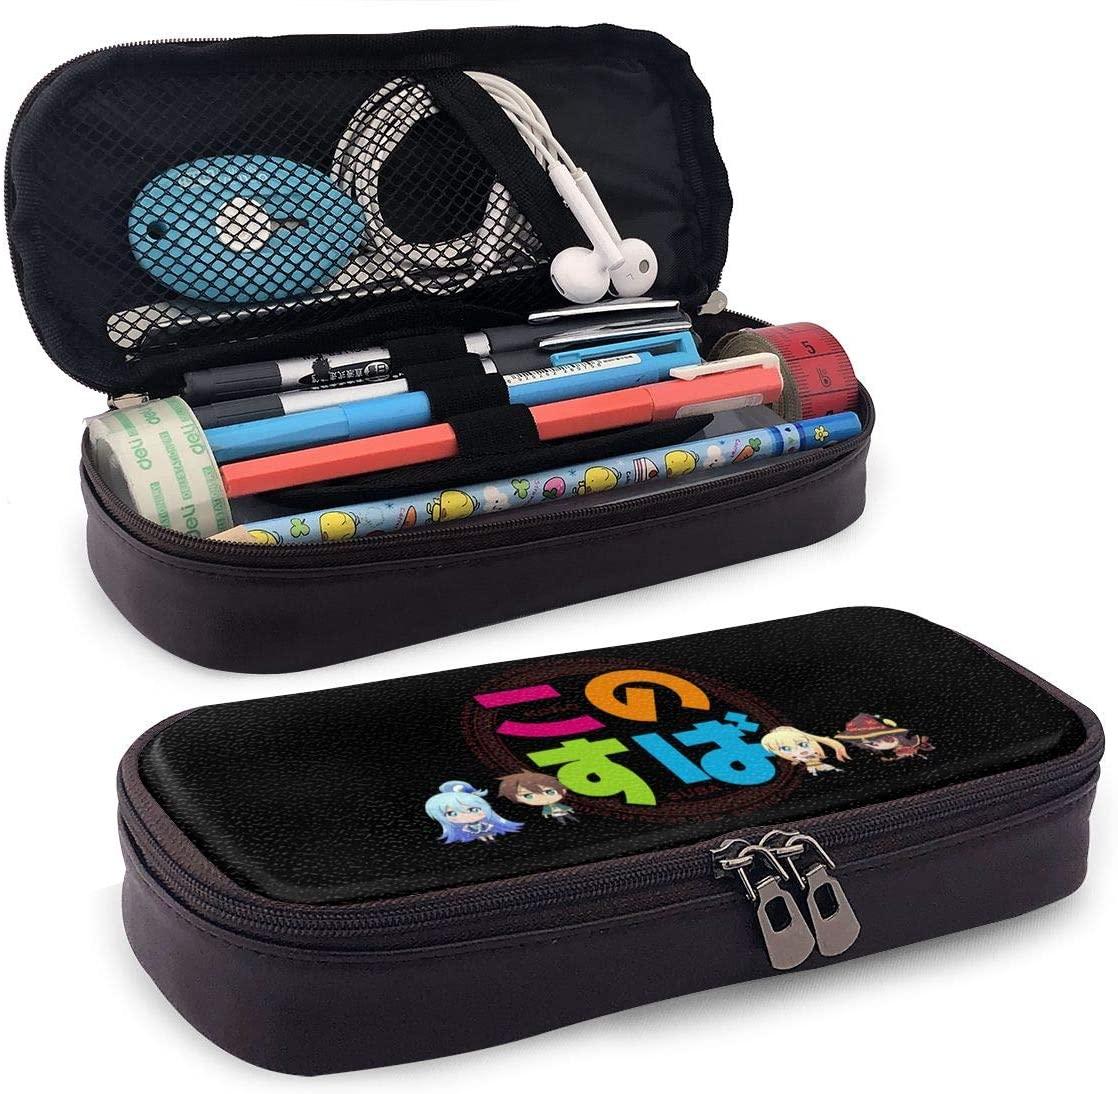 Konosuba Teenager Pencil Bag, Small Tool Bag, Cosmetic Bag, Multi-Purpose Bag